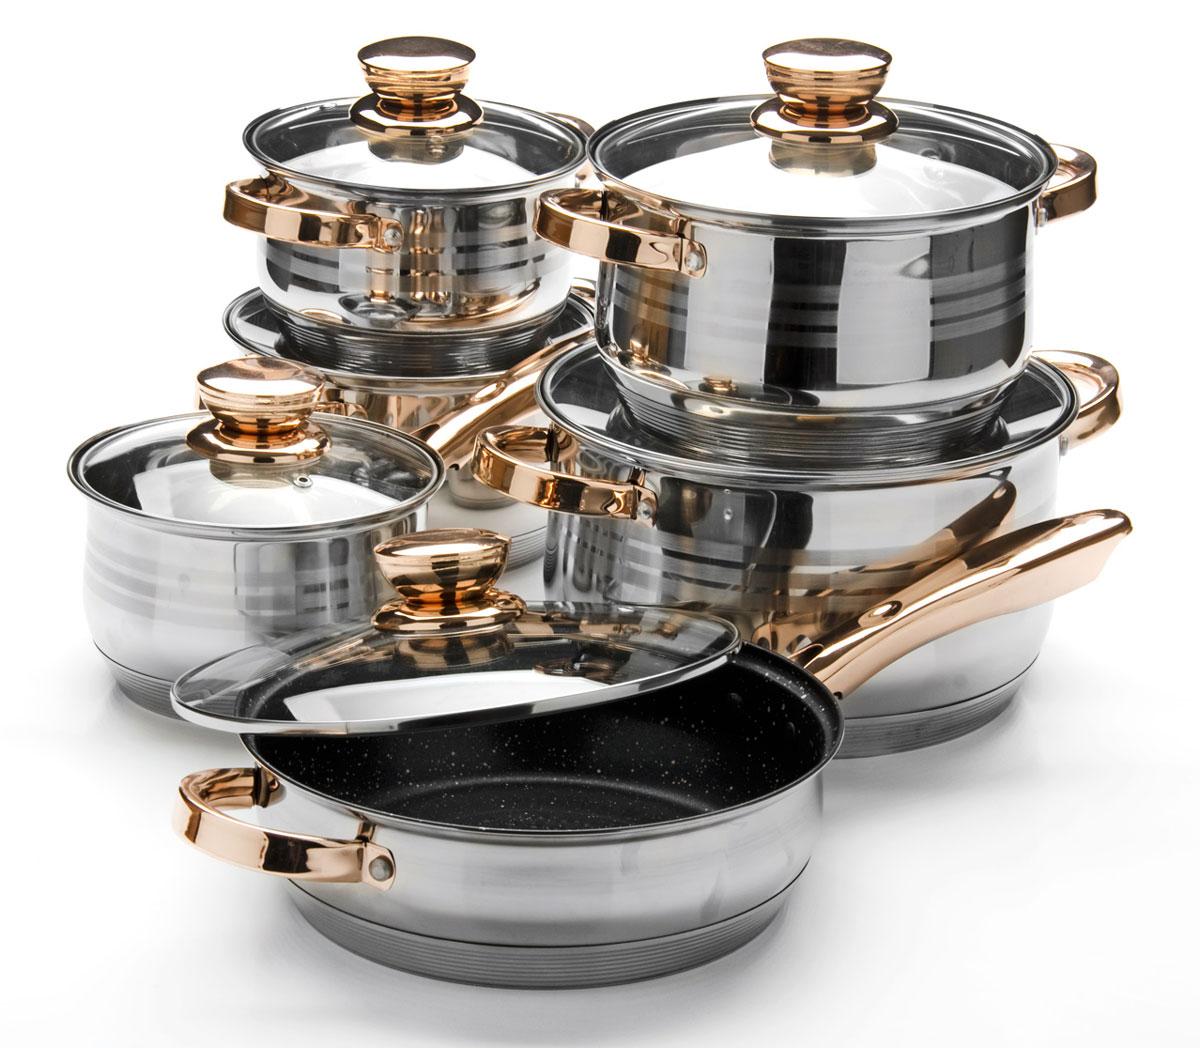 Набор посуды Mayer & Boch, 12 предметов. 26034260342,1+2,1+2,9+3,9+6,6+3,4